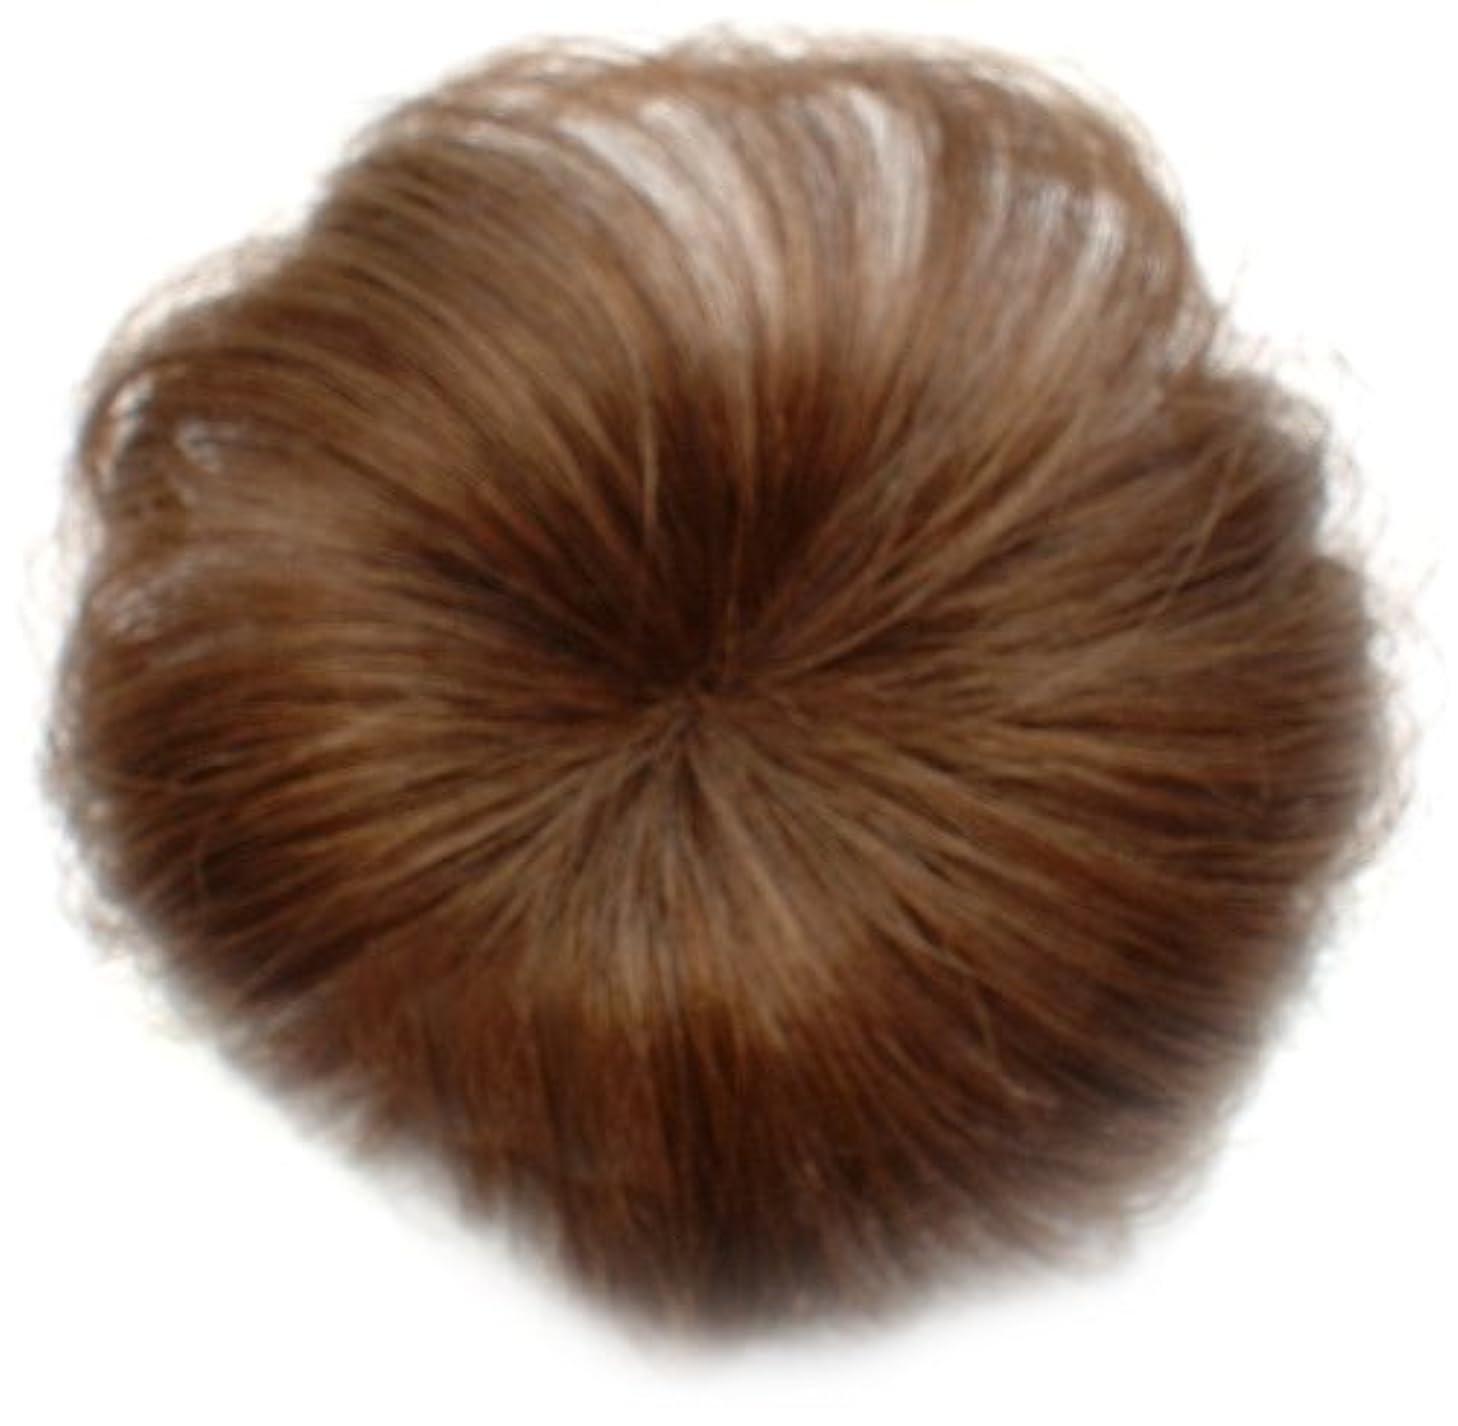 形状スキャンギャンブルPOINT HAIR ポイントヘア L ライトブラウン №6